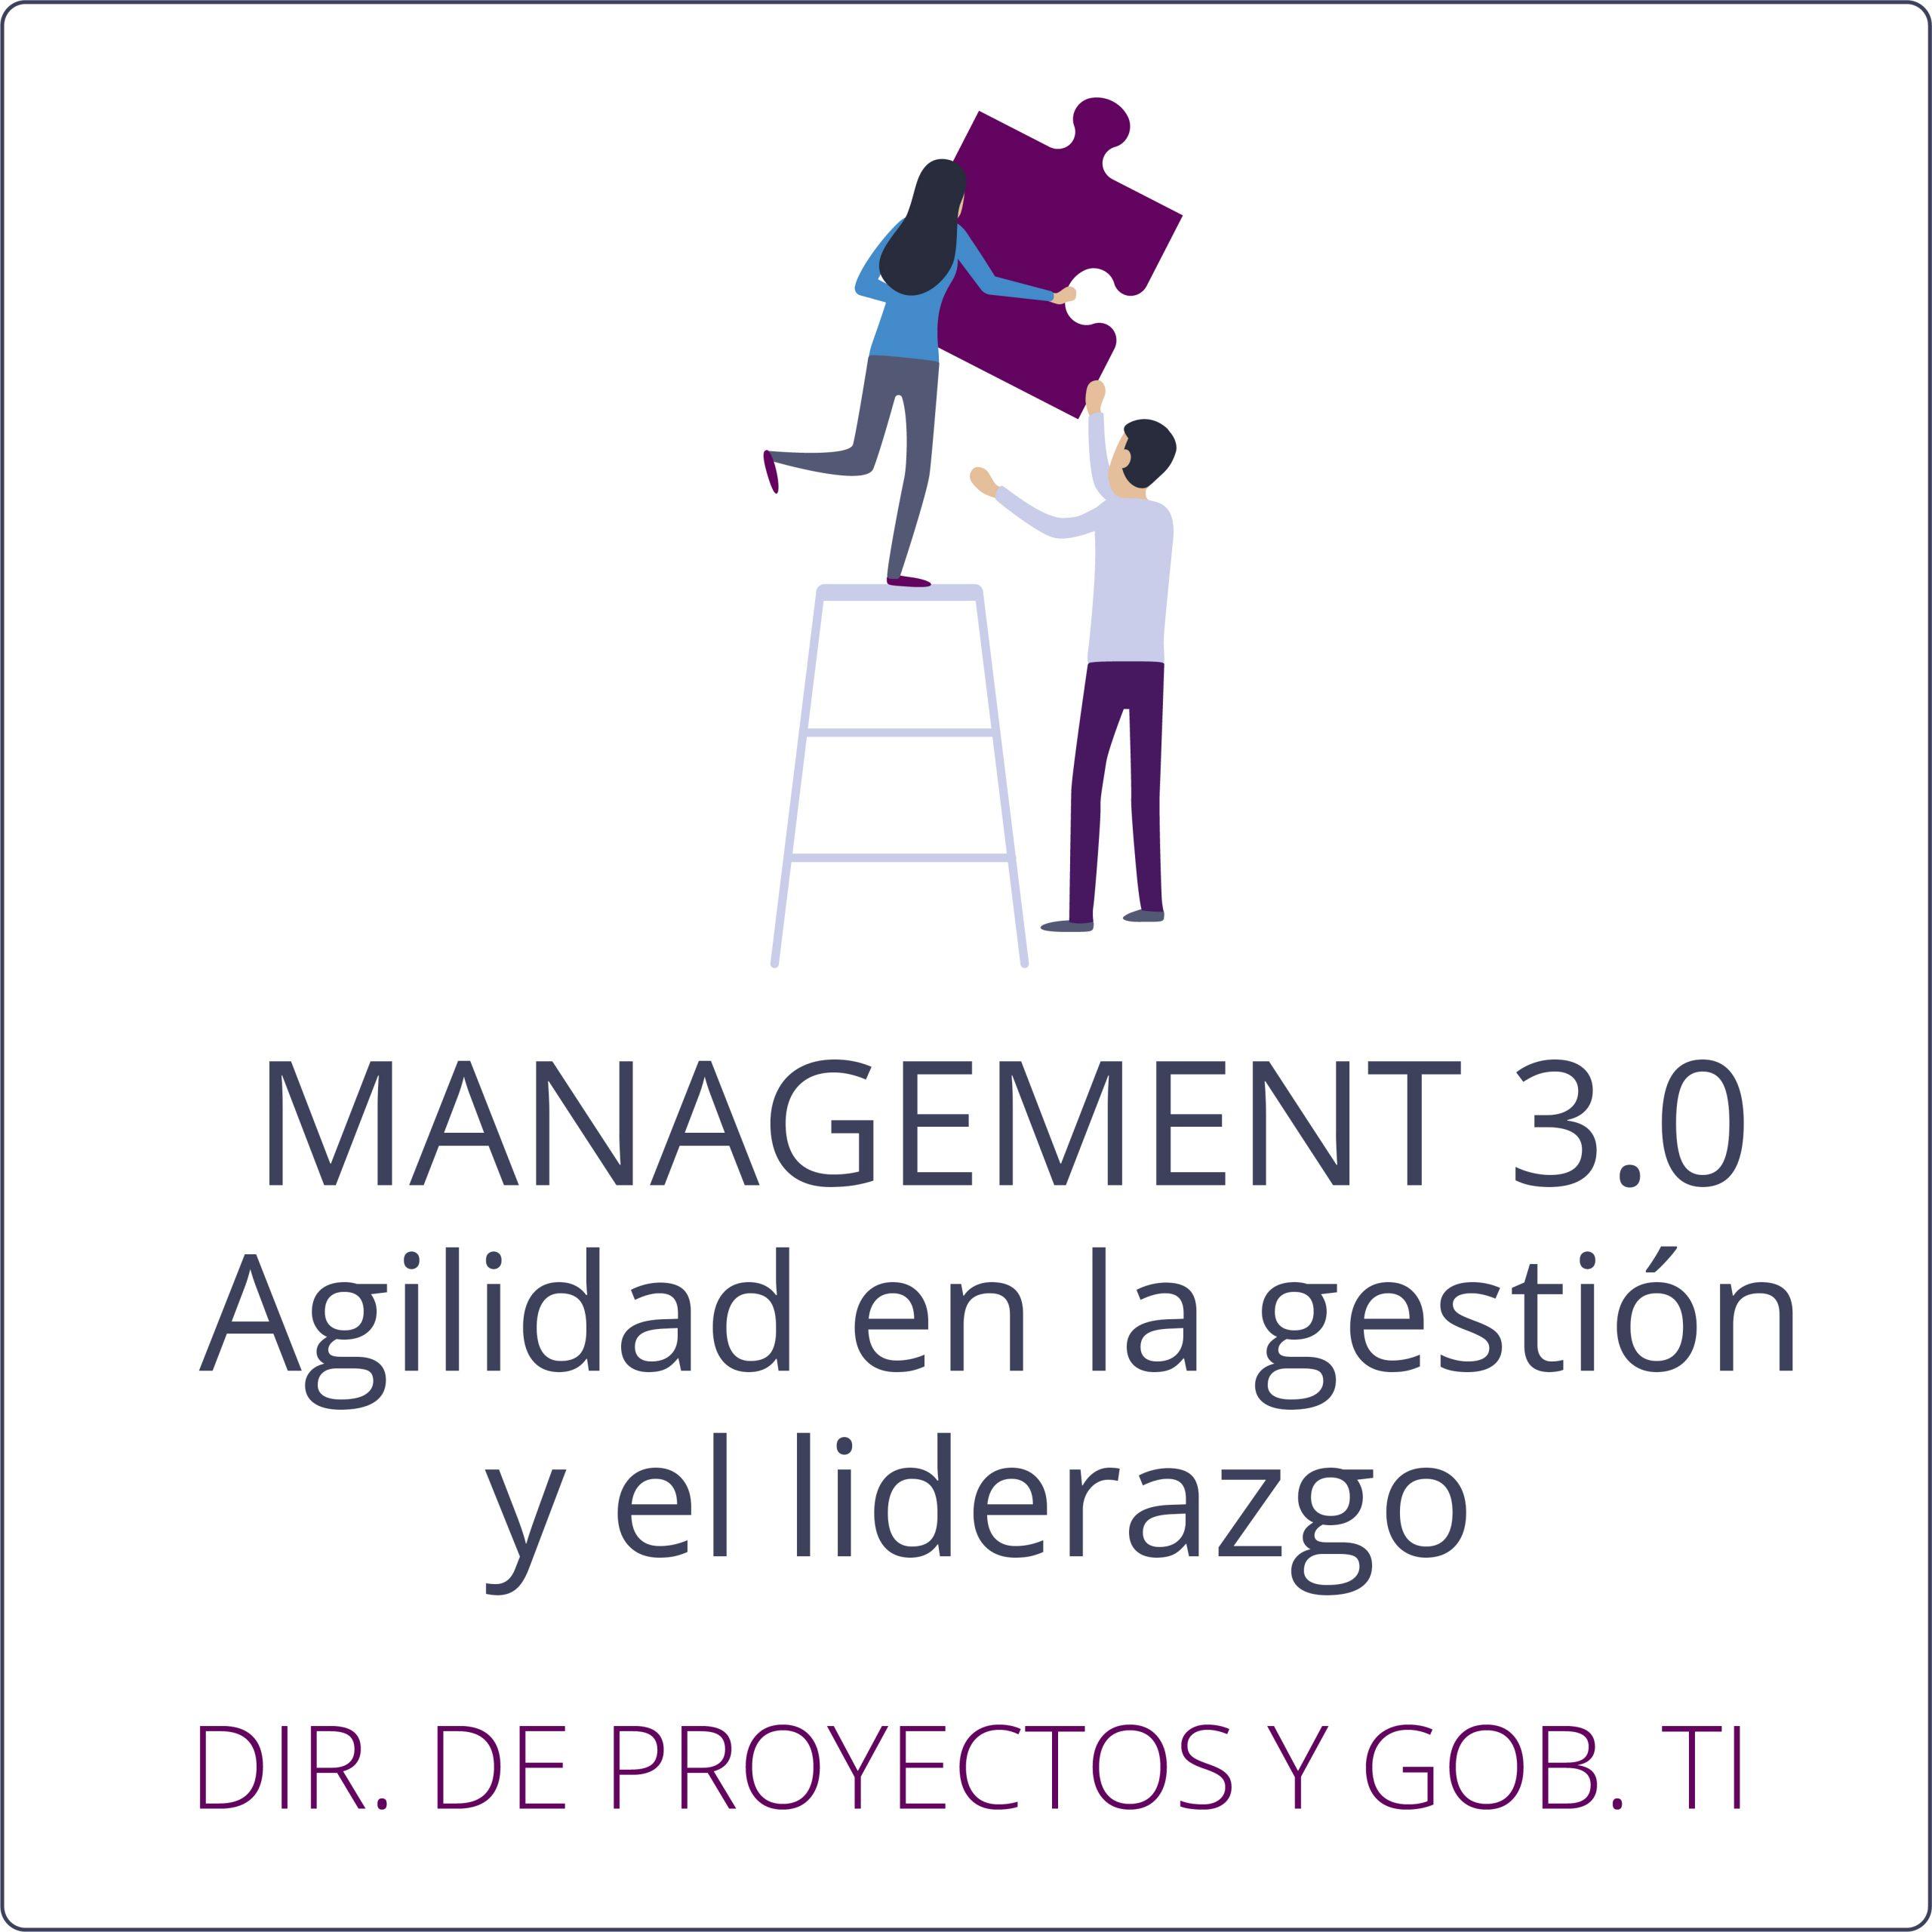 Management 3.0: Agilidad en la gestión y el liderazgo